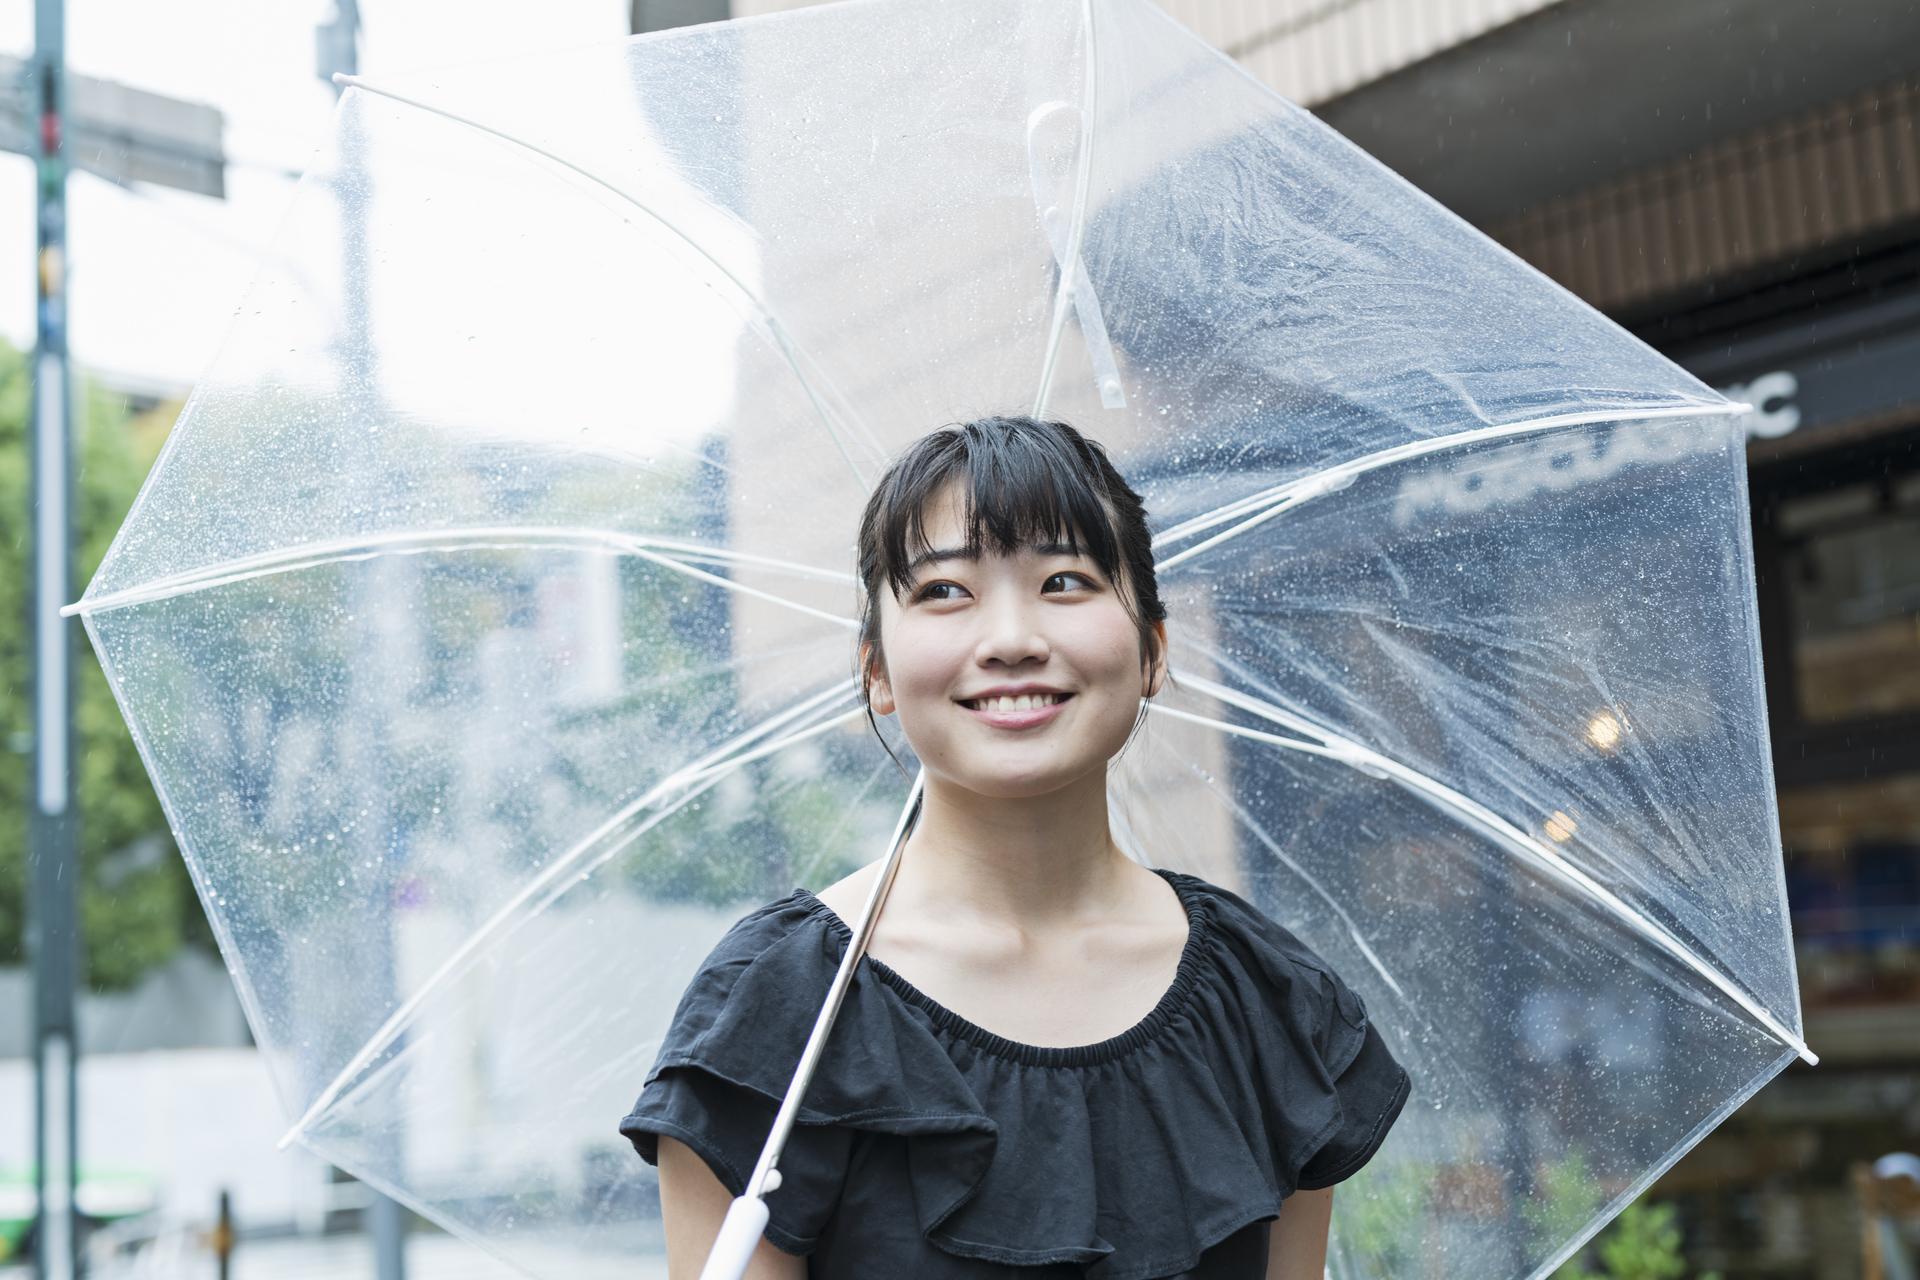 リラックスを求めるのなら、晴れの日より、むしろ雨の日のほうがいい。 | 早朝の散歩習慣のすすめ